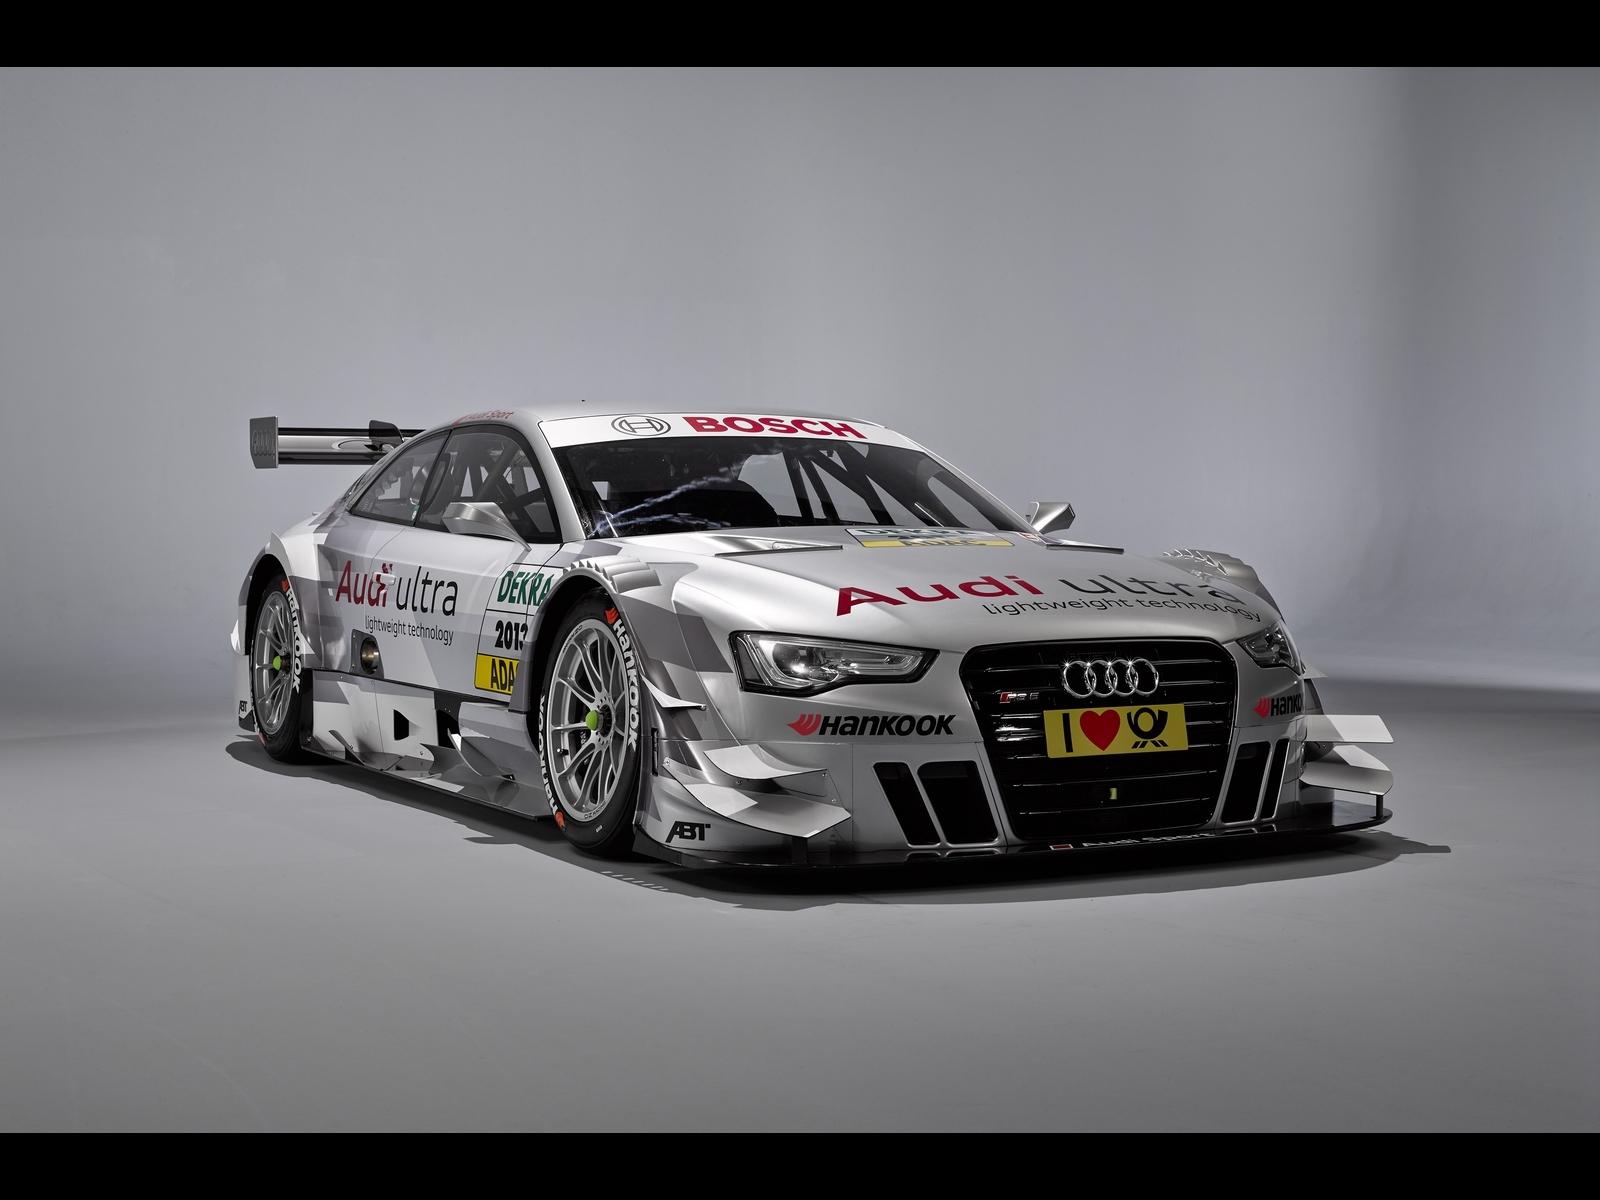 Audi-RS5-DTM-fot.1-291342.jpg